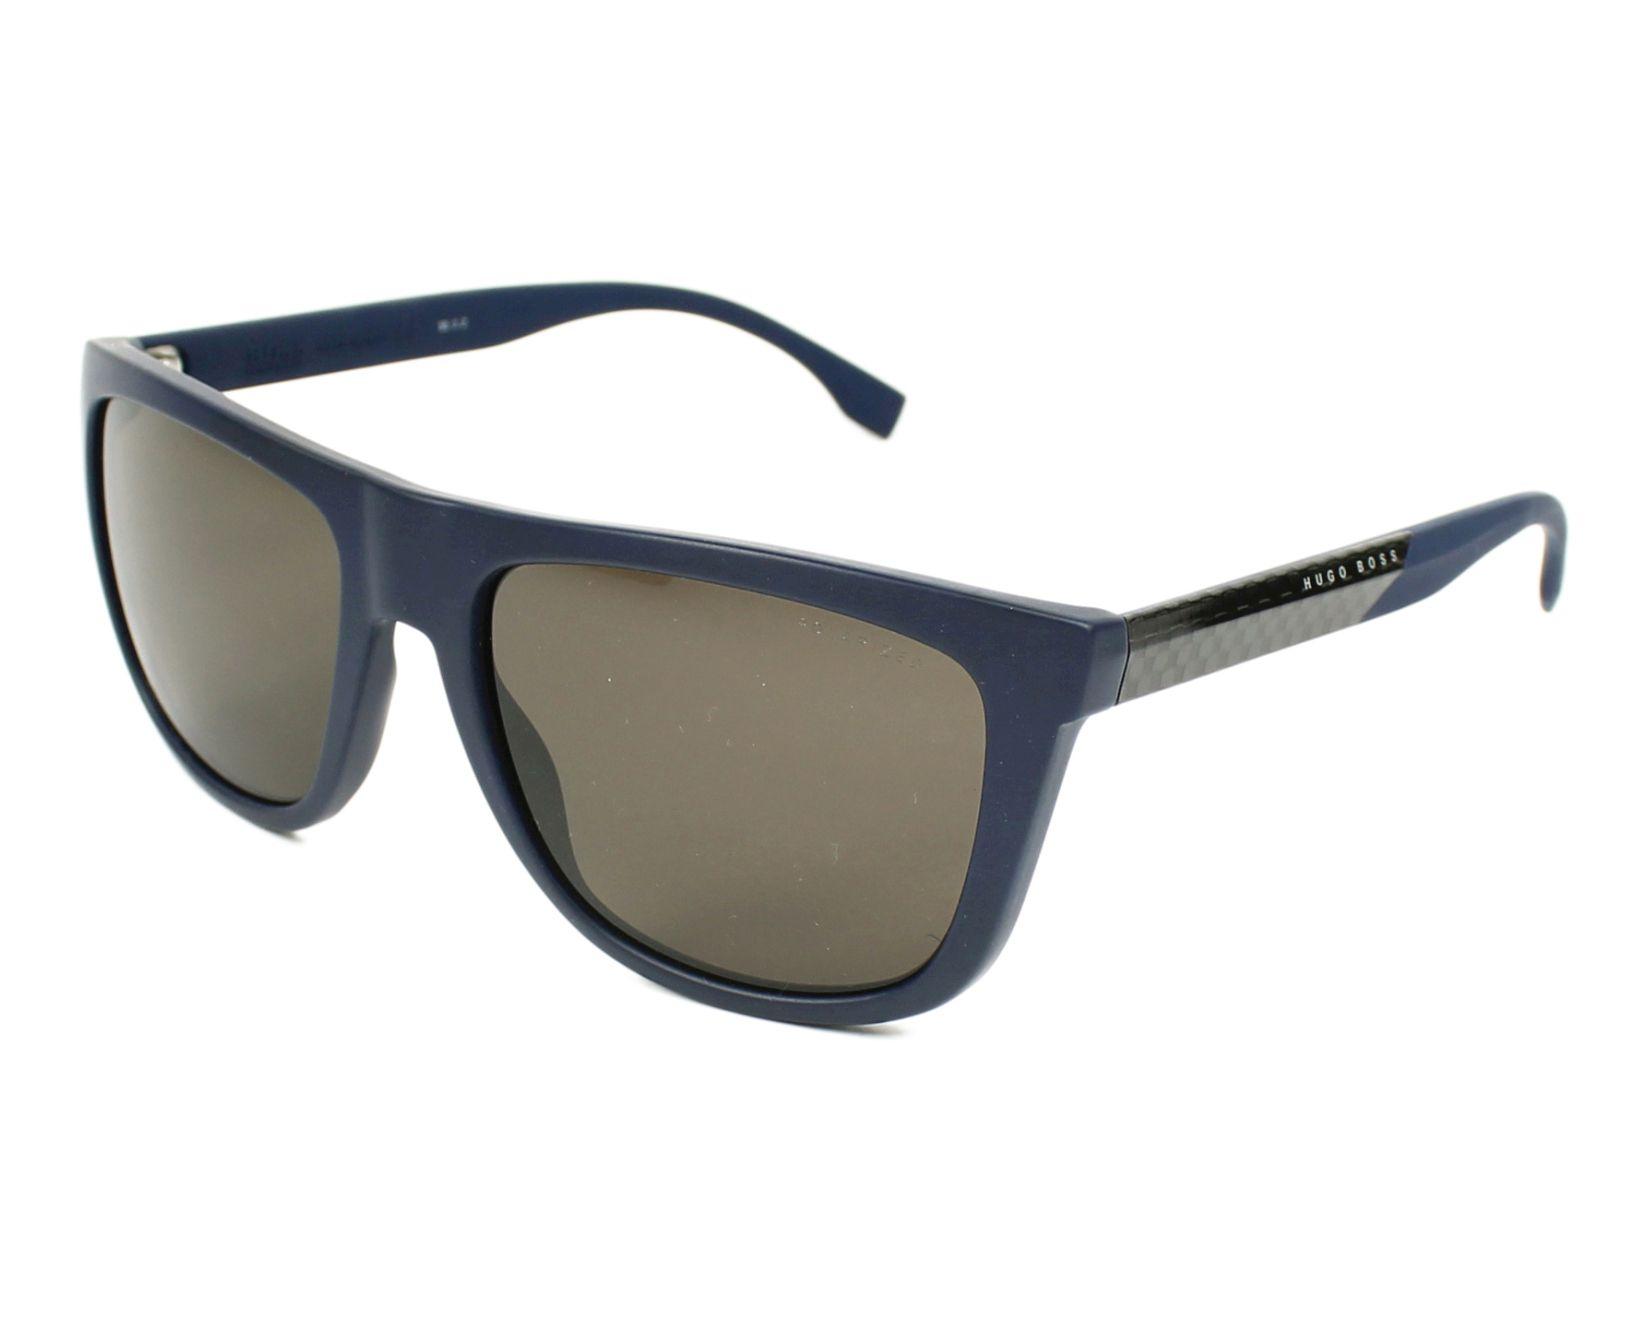 52c0eda8fbd72 Gafas de sol Hugo Boss BOSS-0834-S HWQ SP 56-18